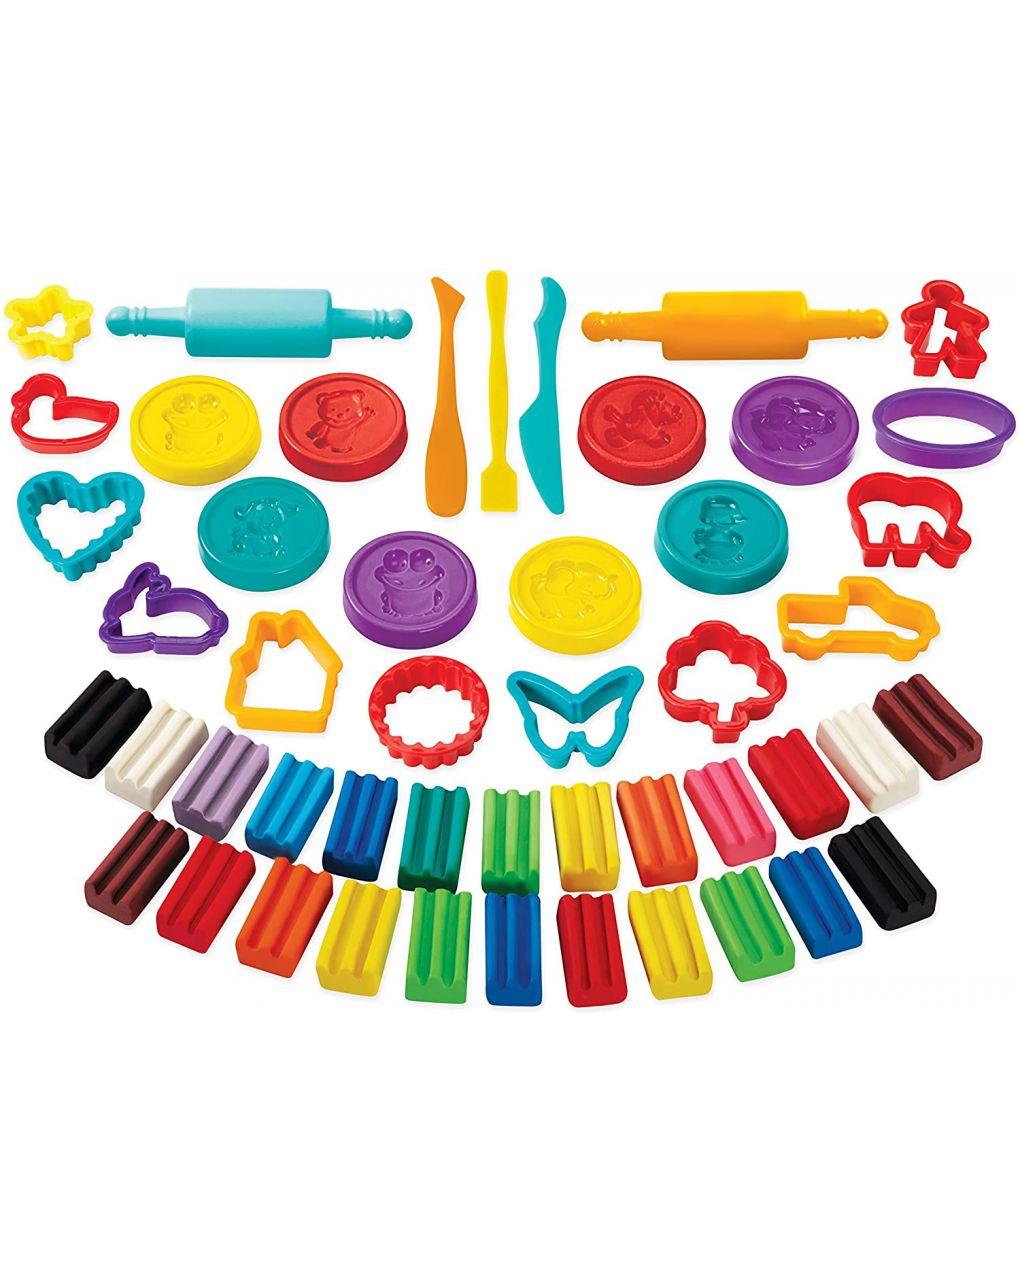 Crayola - criar e modelar conjunto de 50 unidades - Crayola